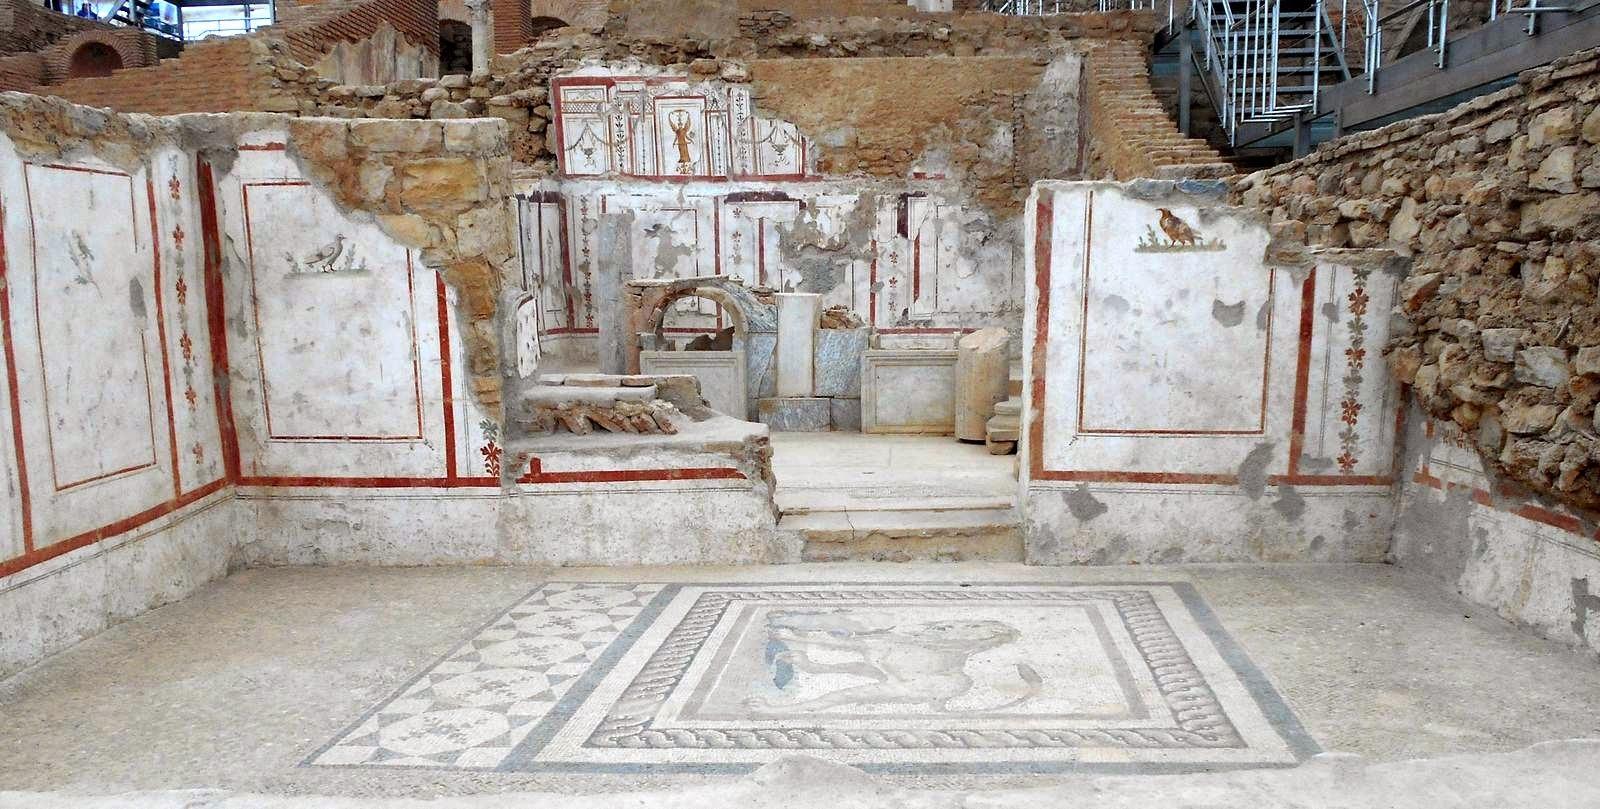 interieur maison romaine maison moderne